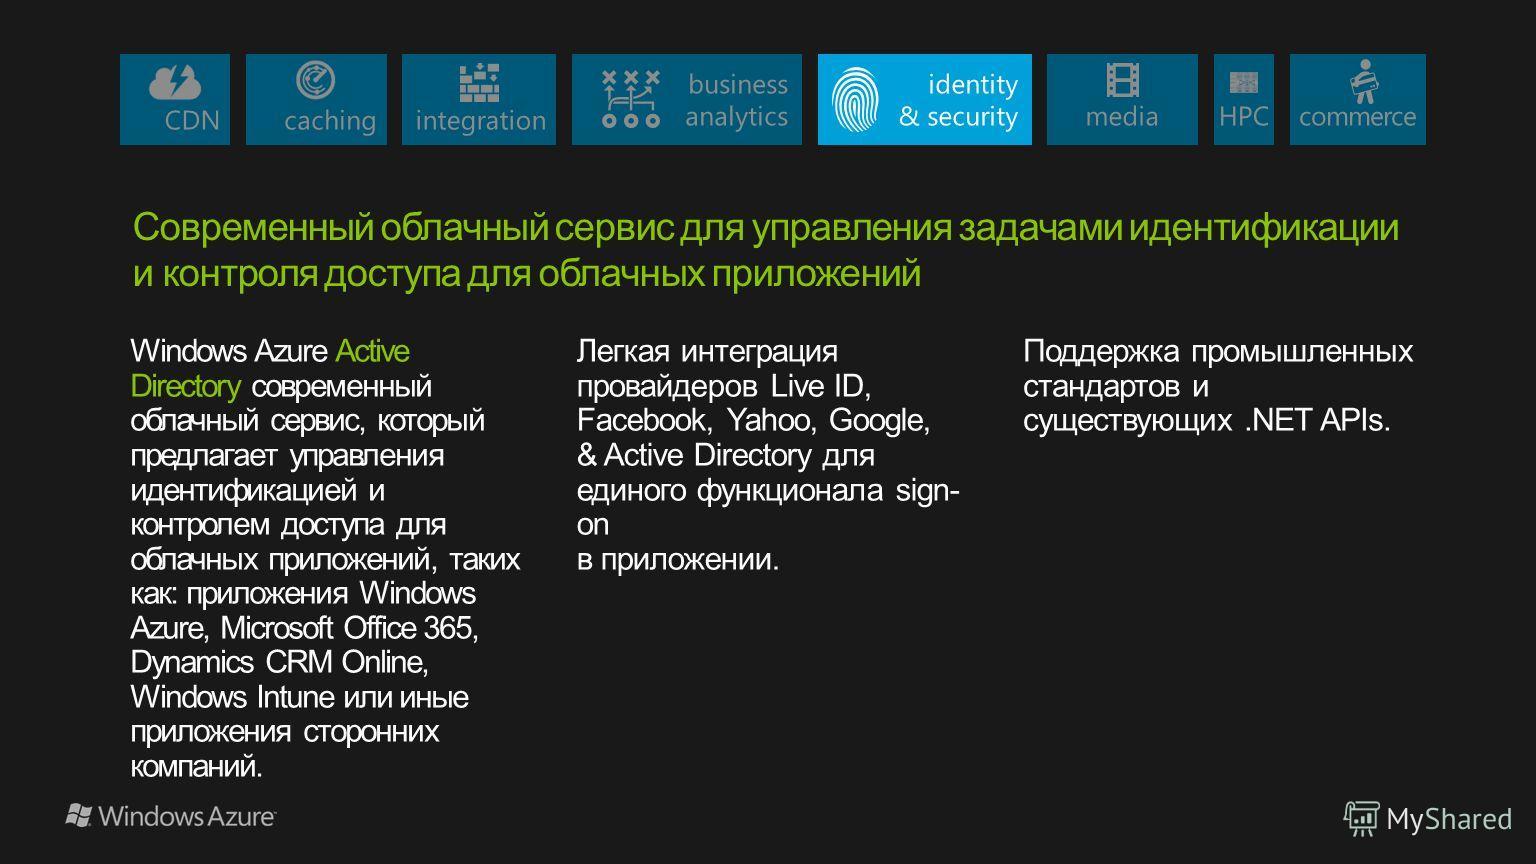 Windows Azure Active Directory современный облачный сервис, который предлагает управления идентификацией и контролем доступа для облачных приложений, таких как: приложения Windows Azure, Microsoft Office 365, Dynamics CRM Online, Windows Intune или и